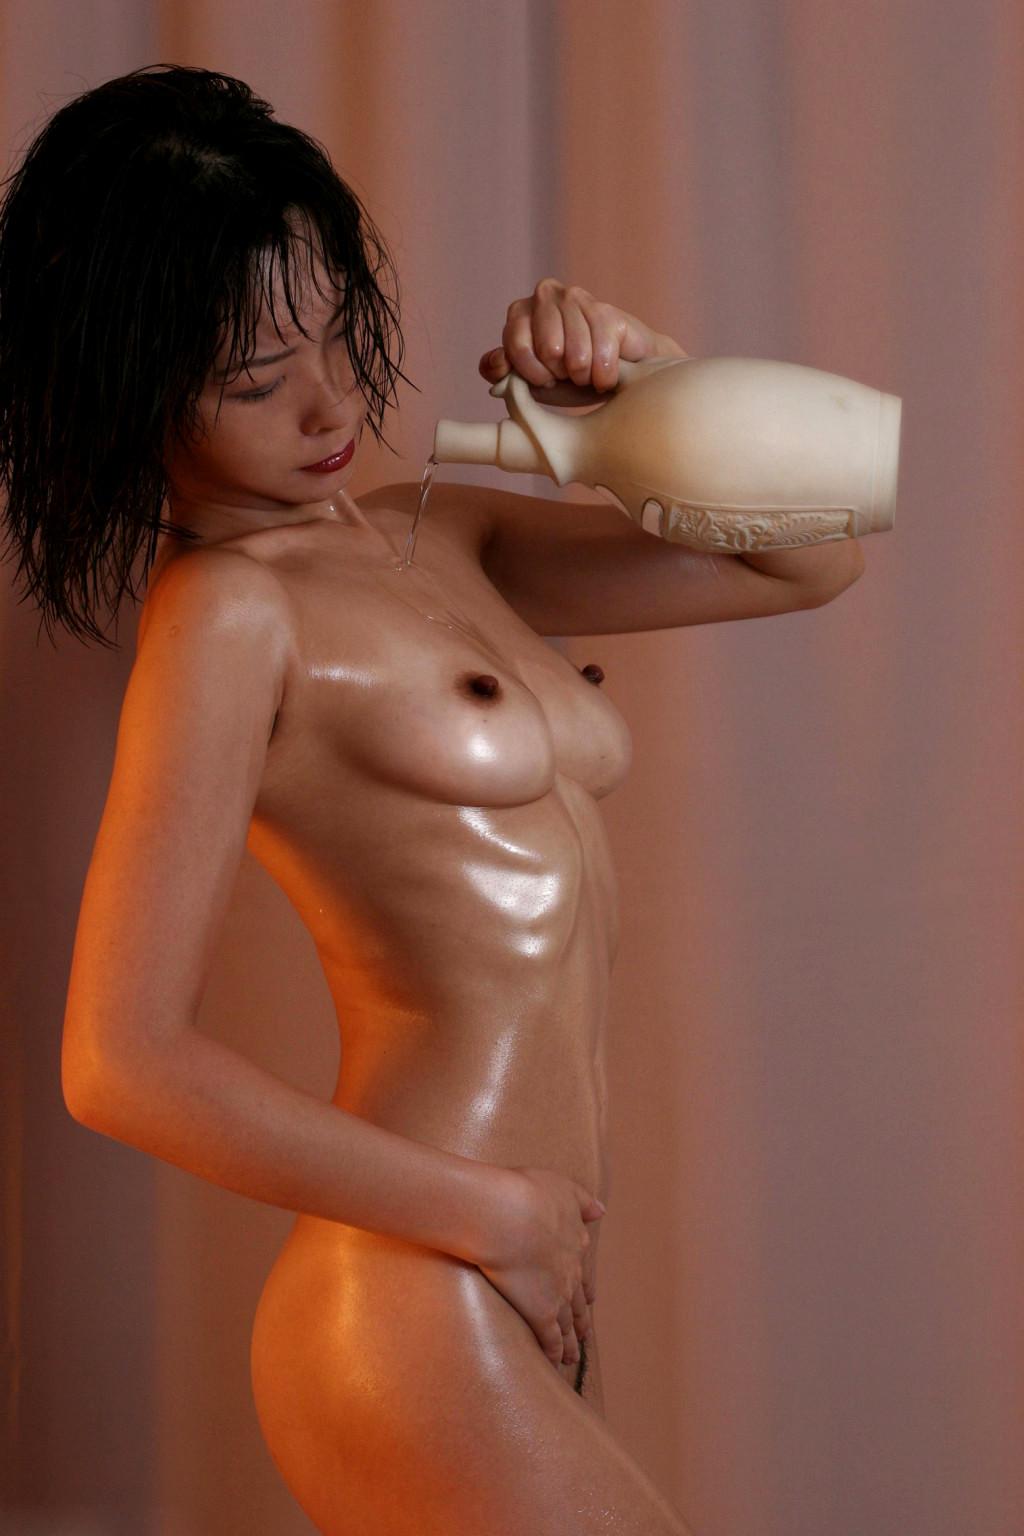 sexy-asian-oily-nude-babes-white-whores-anal